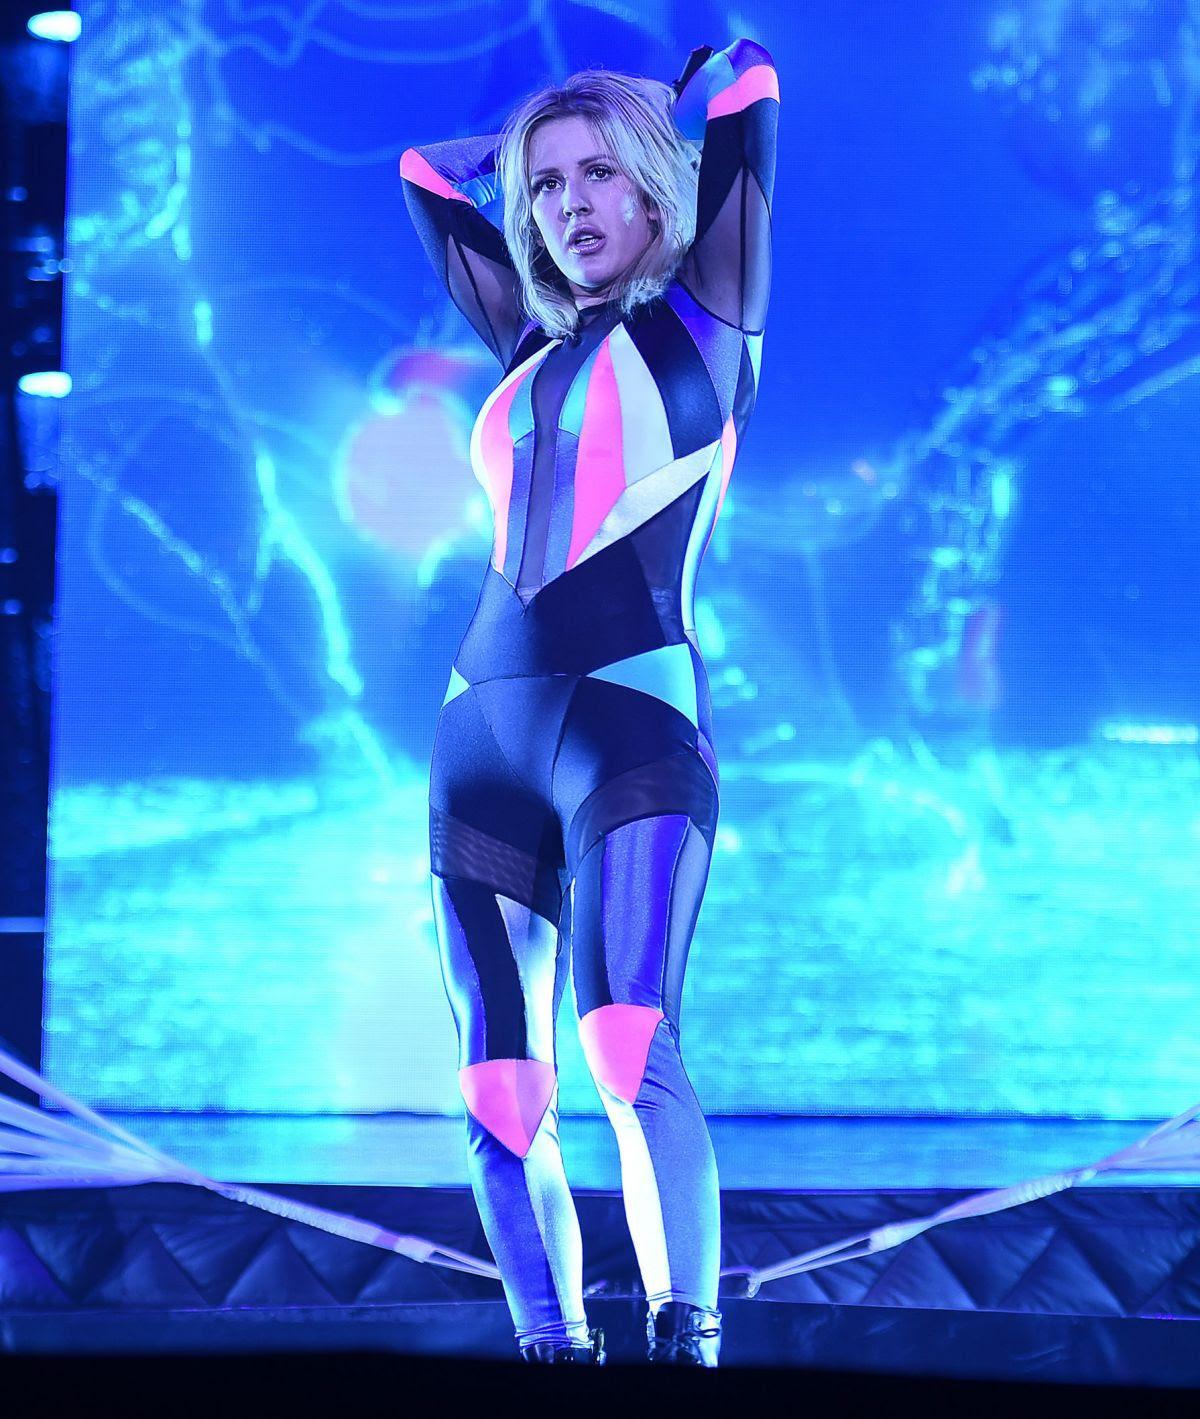 ELLIE GOULDING Performs at Sportpaleis in Antwerpen 02/09/2016